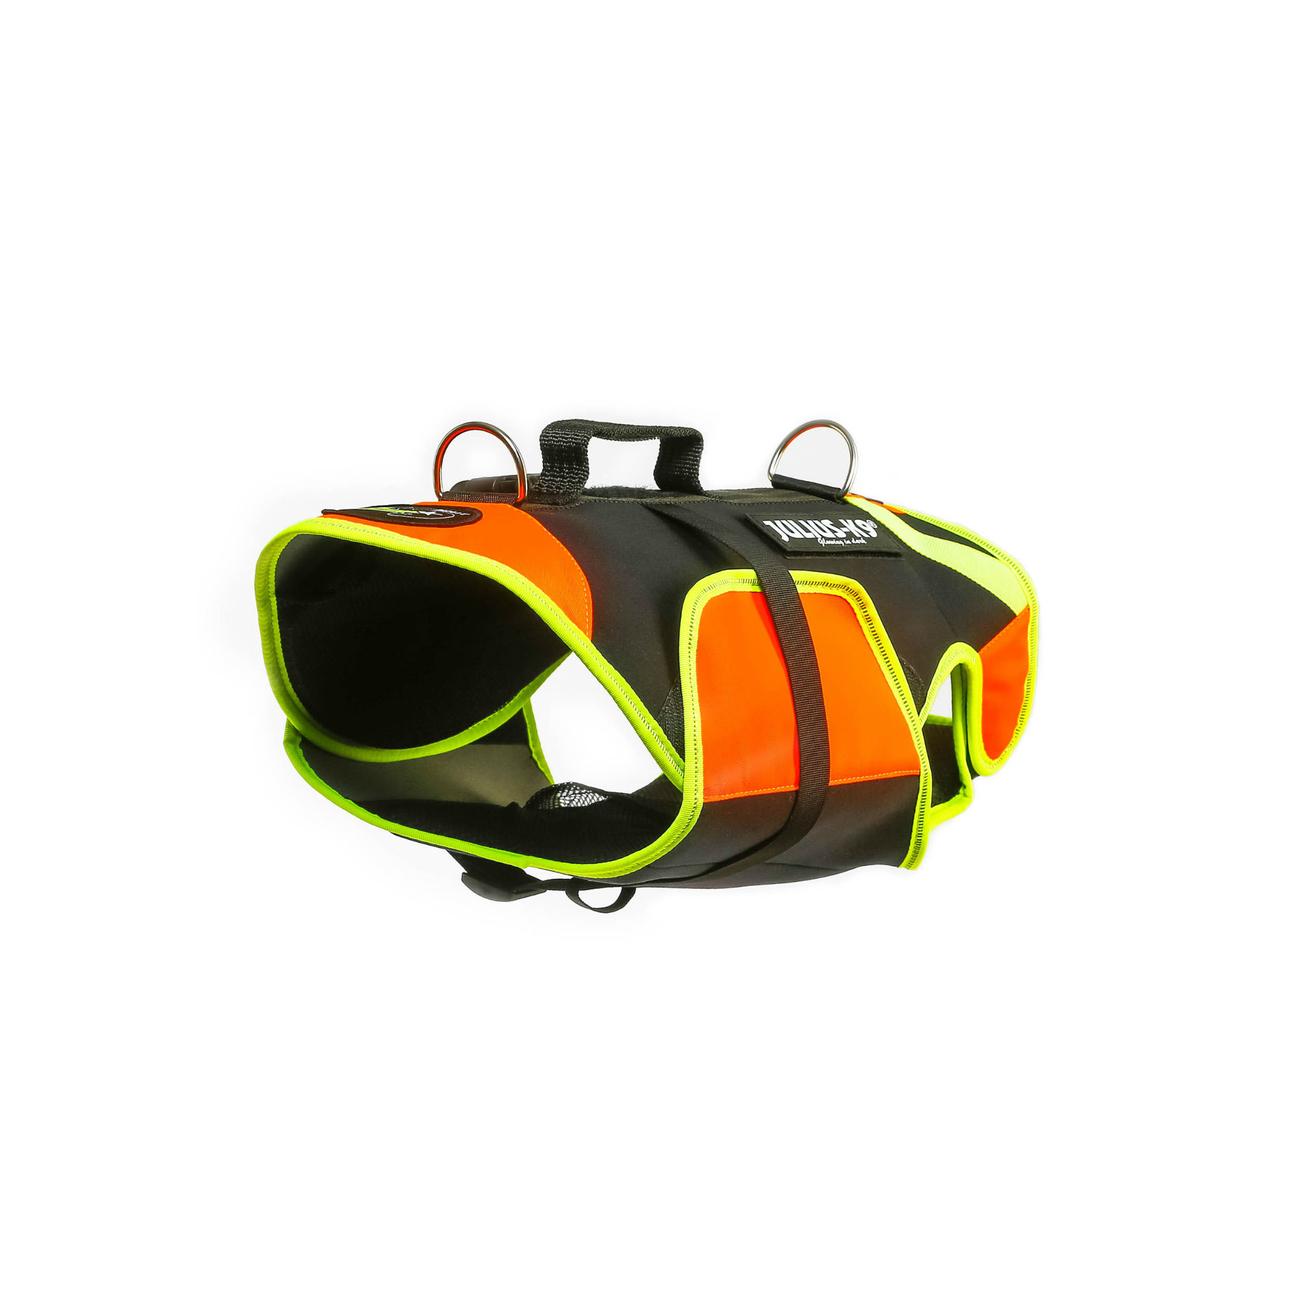 Julius K9 IDC® Multifunktionsweste Neon für Hunde, Bild 3